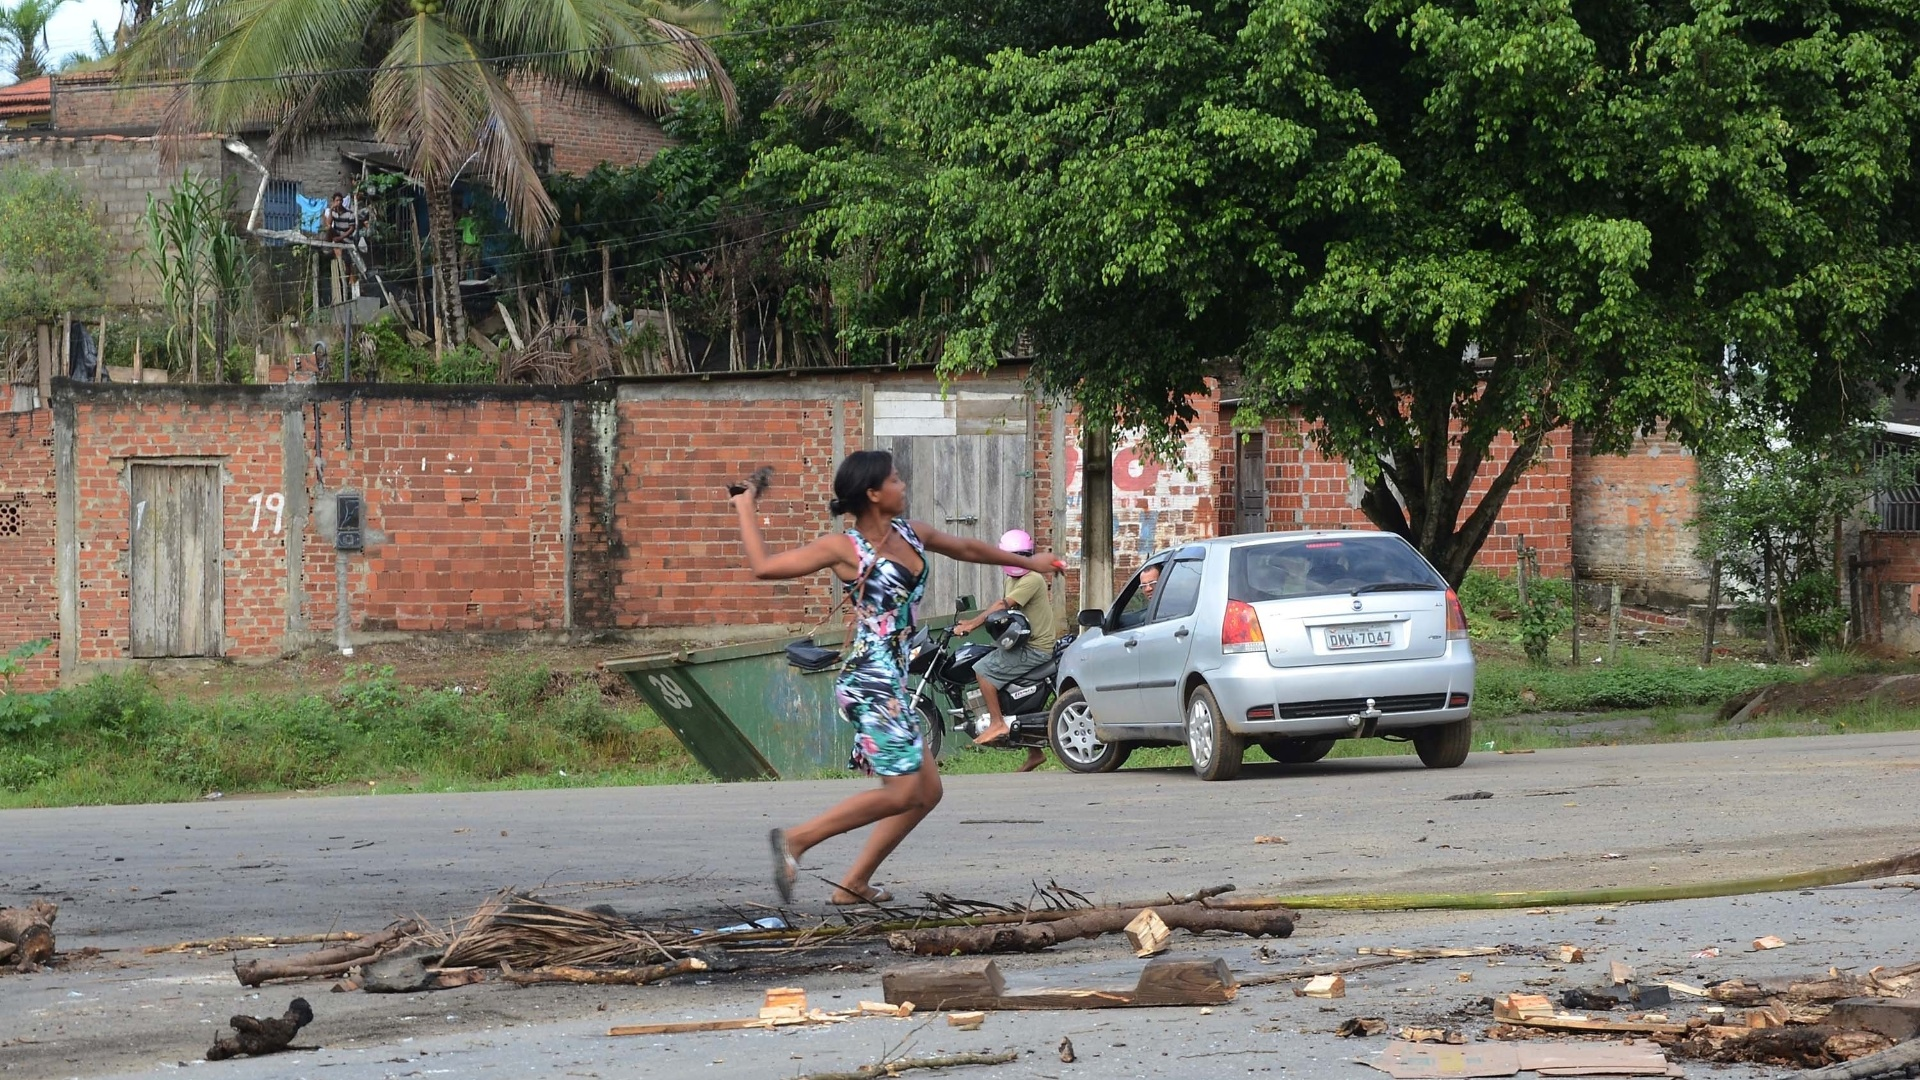 23.mai.2014 - Parente de preso lança objeto durante protesto em que a rodovia BR-415 foi bloqueada em Itabuna, na Bahia, nesta sexta-feira (23). Os detentos do presídio de Itabuna se rebelaram. O complexo, que tem capacidade para 430 presos, abriga mais de 1.200. Esta é a terceira rebelião de 2014